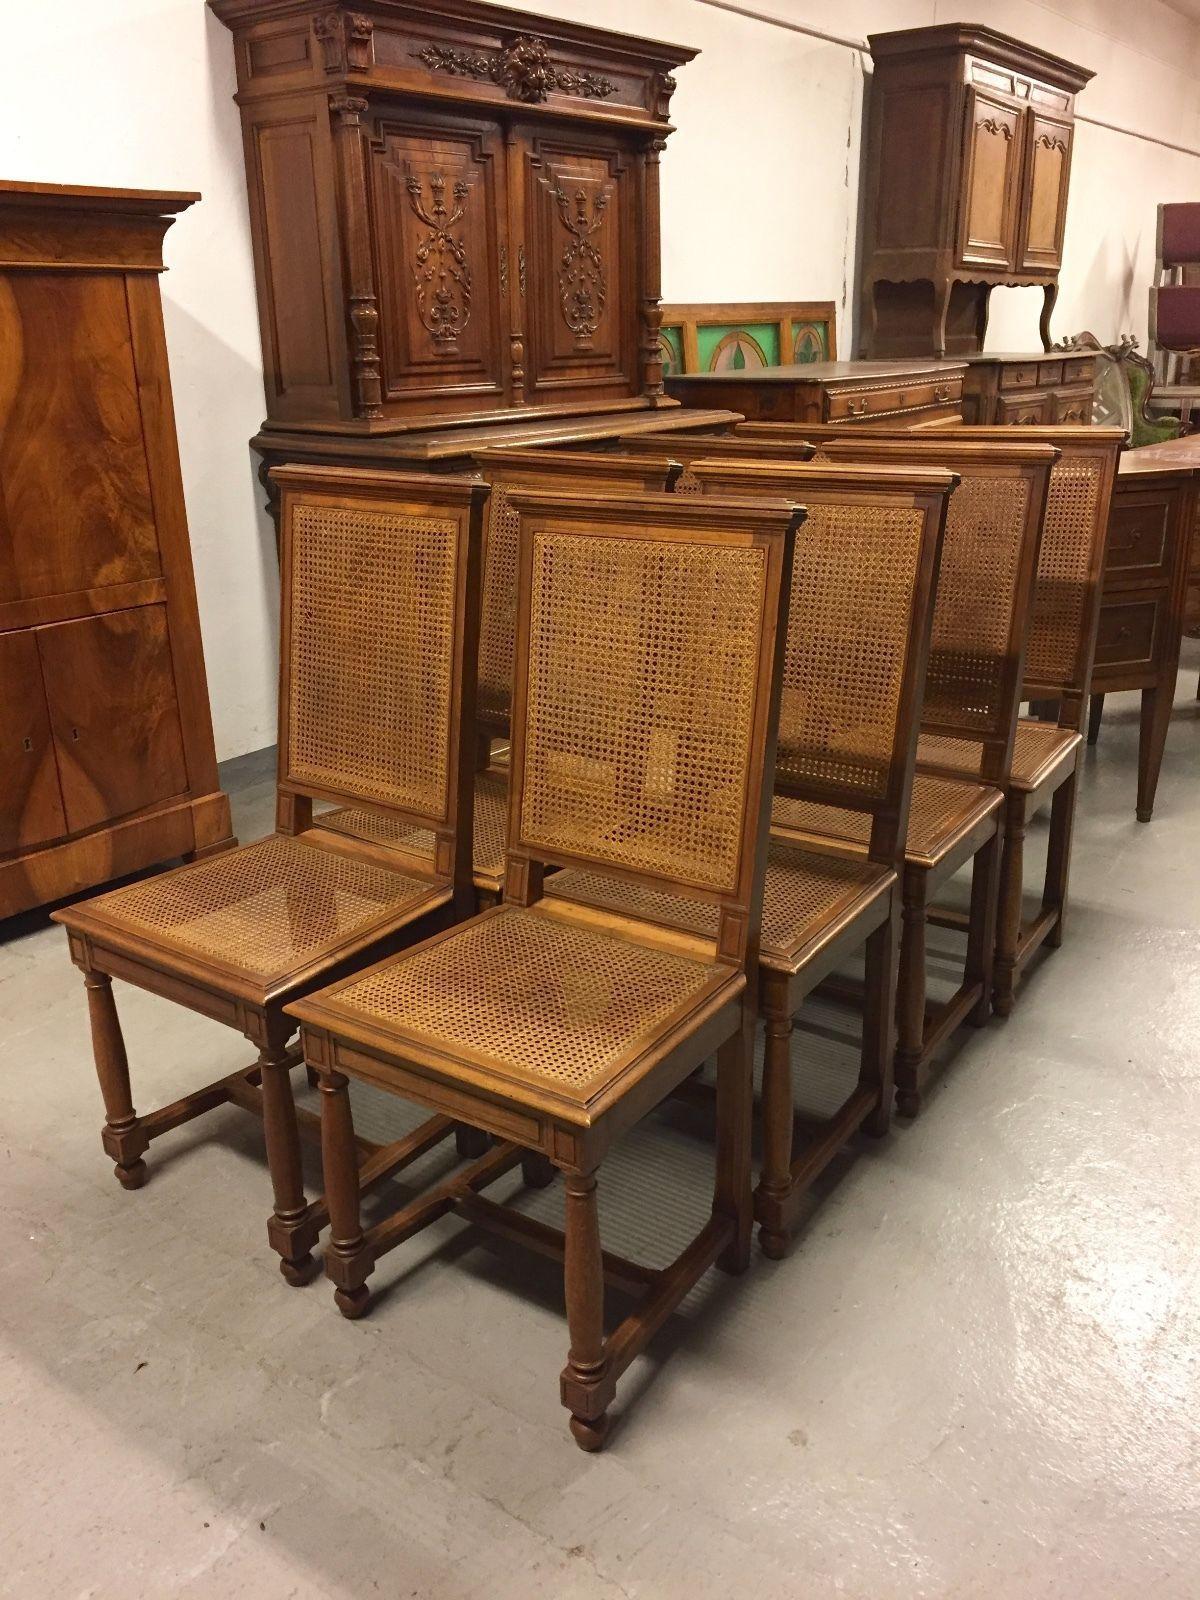 Suite de huit chaises de salle manger style henri ii 1900 for sale eur 880 00 see photos - Style chaises anciennes ...